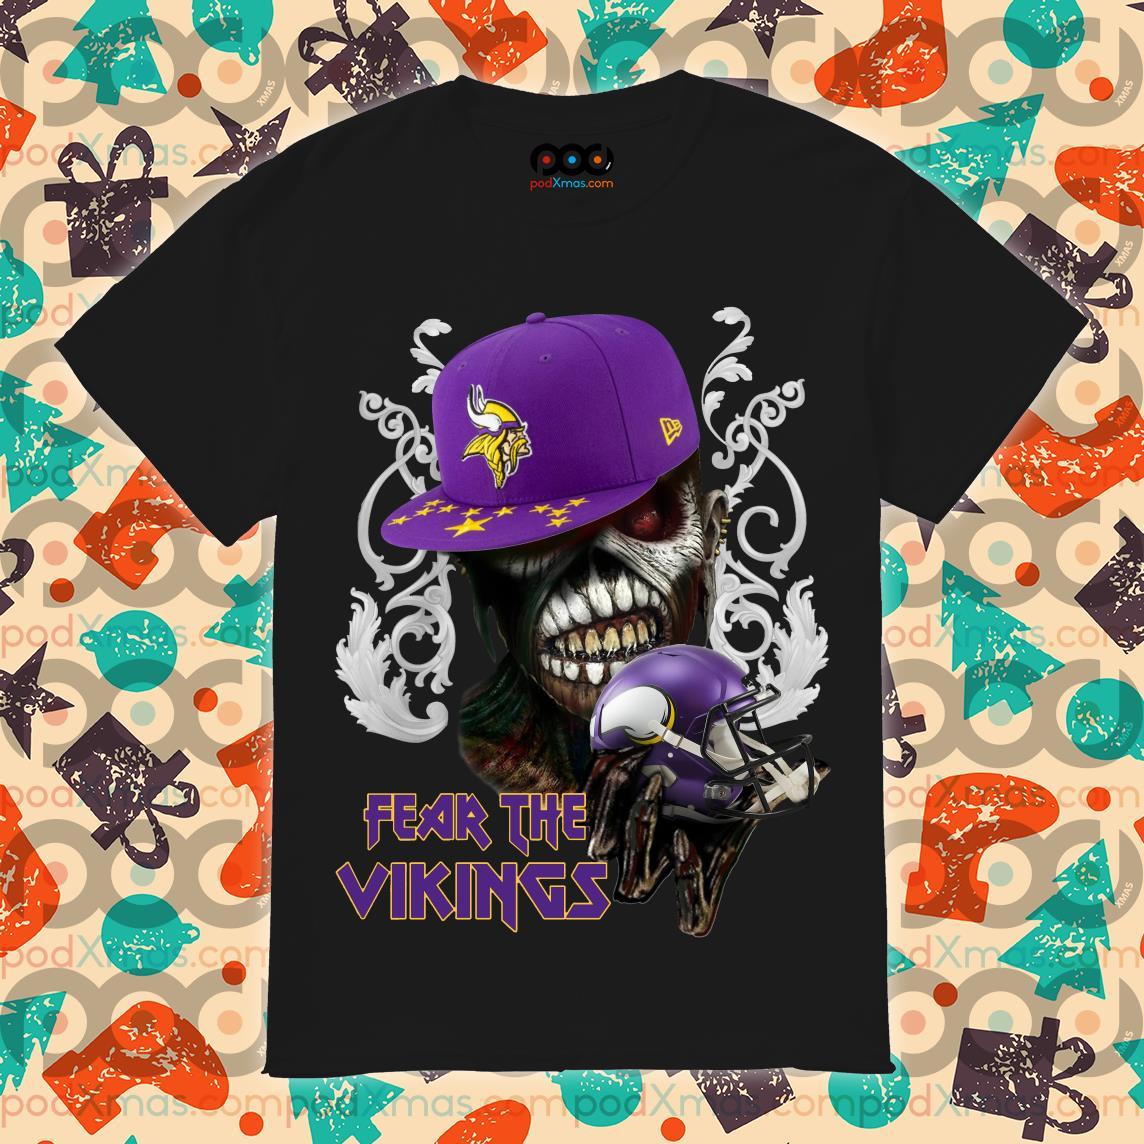 Iron Maiden Eddie Fear the Vikings shirt